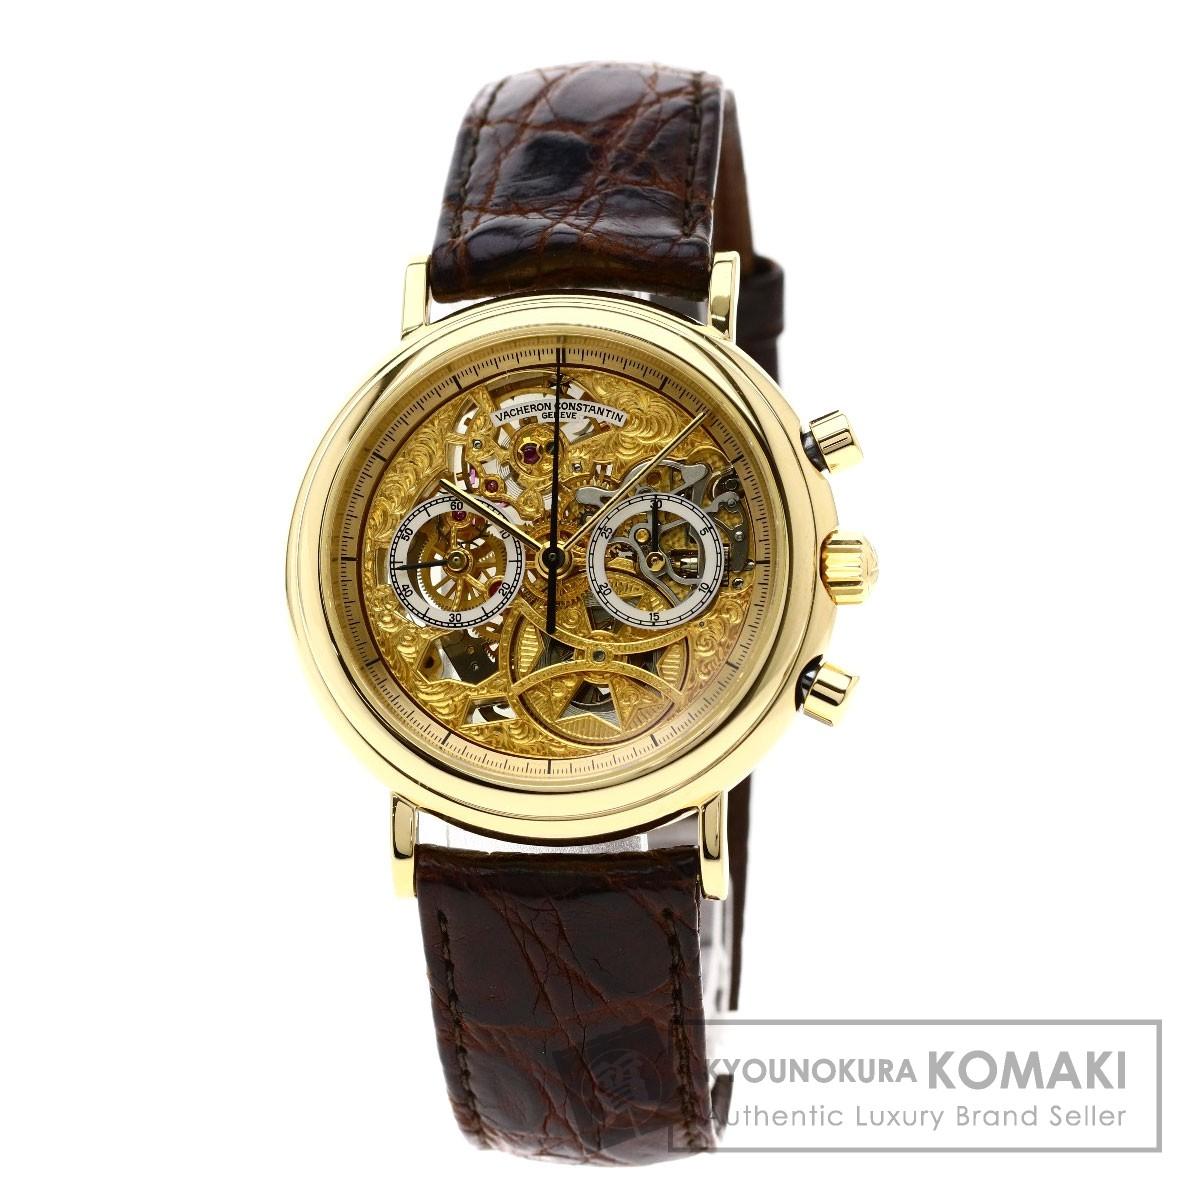 ヴァシュロン・コンスタンタン 47100/00J 7563 クロノグラフ スケルトン 腕時計 K18イエローゴールド/革 メンズ 【中古】【VACHERON CONSTANTIN】